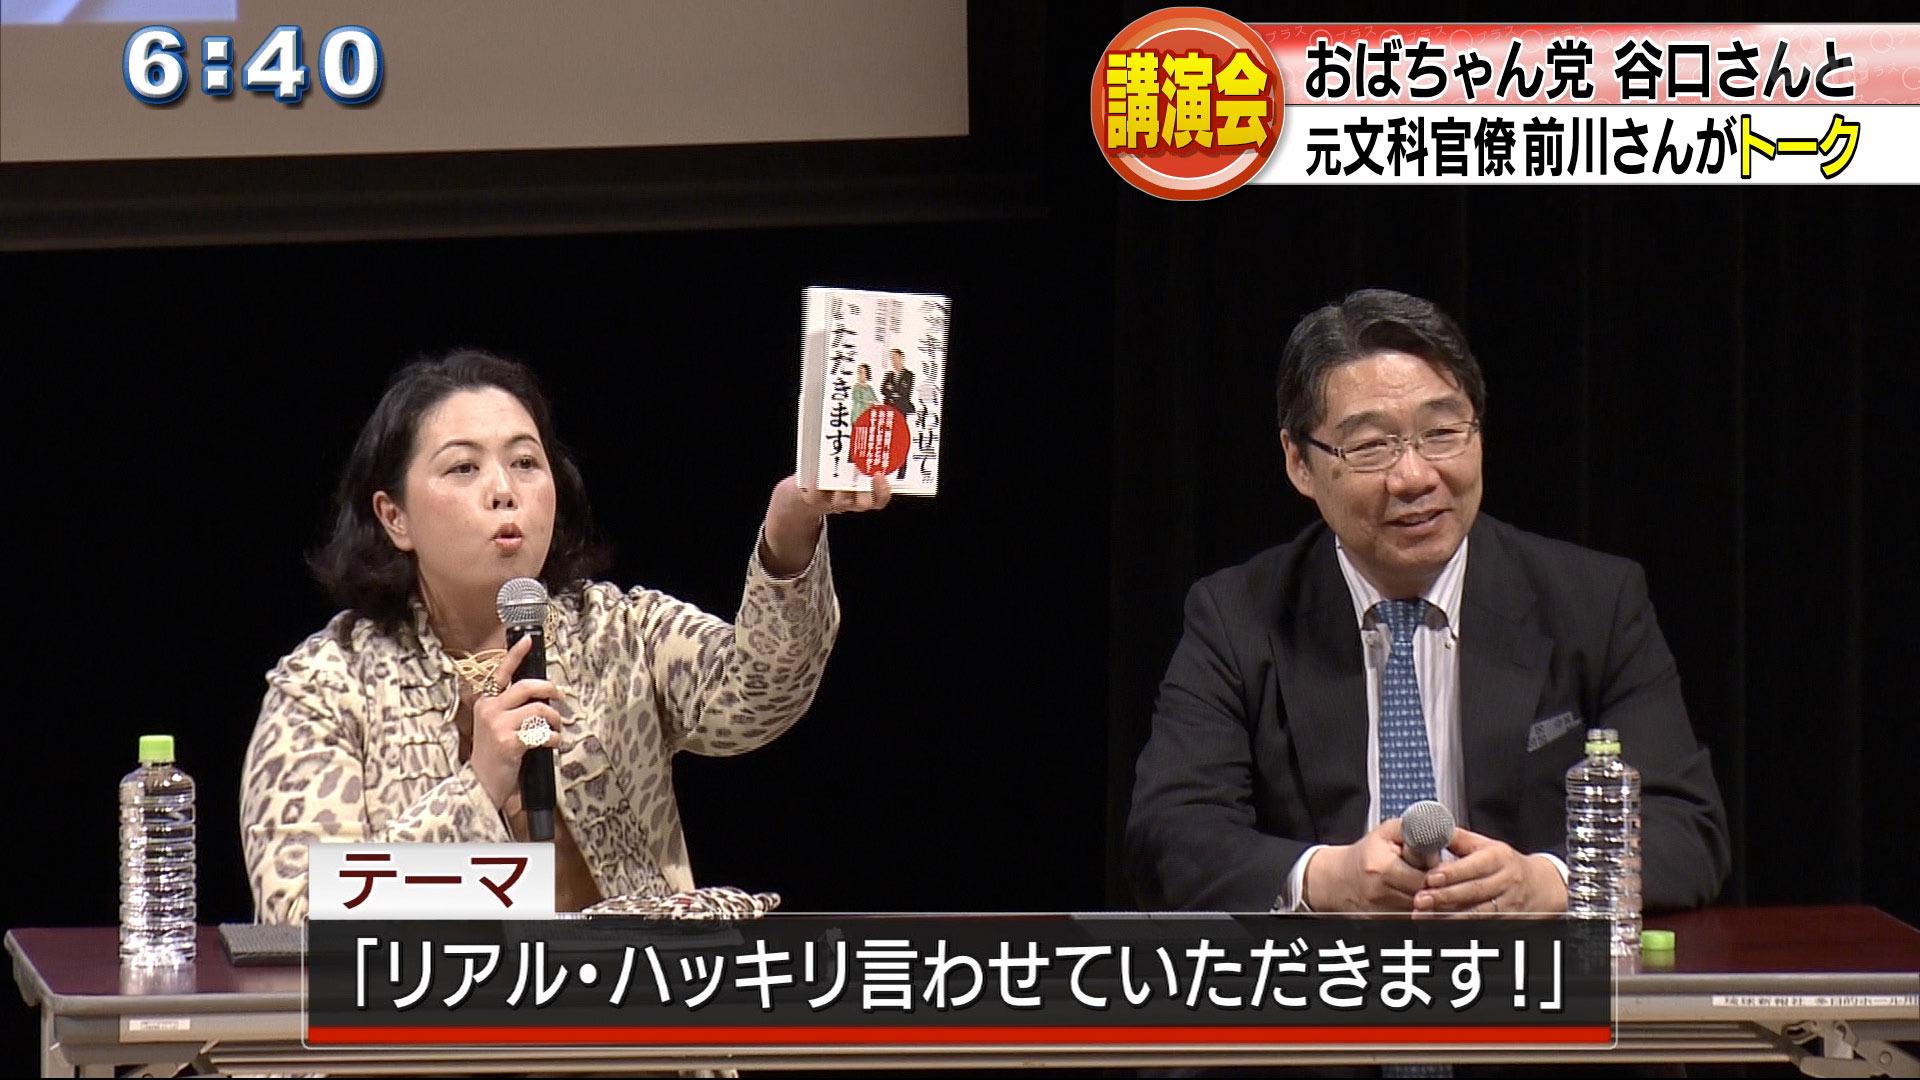 沖縄が抱える問題を「一刀両断」前川喜平・谷口真由美トークショー